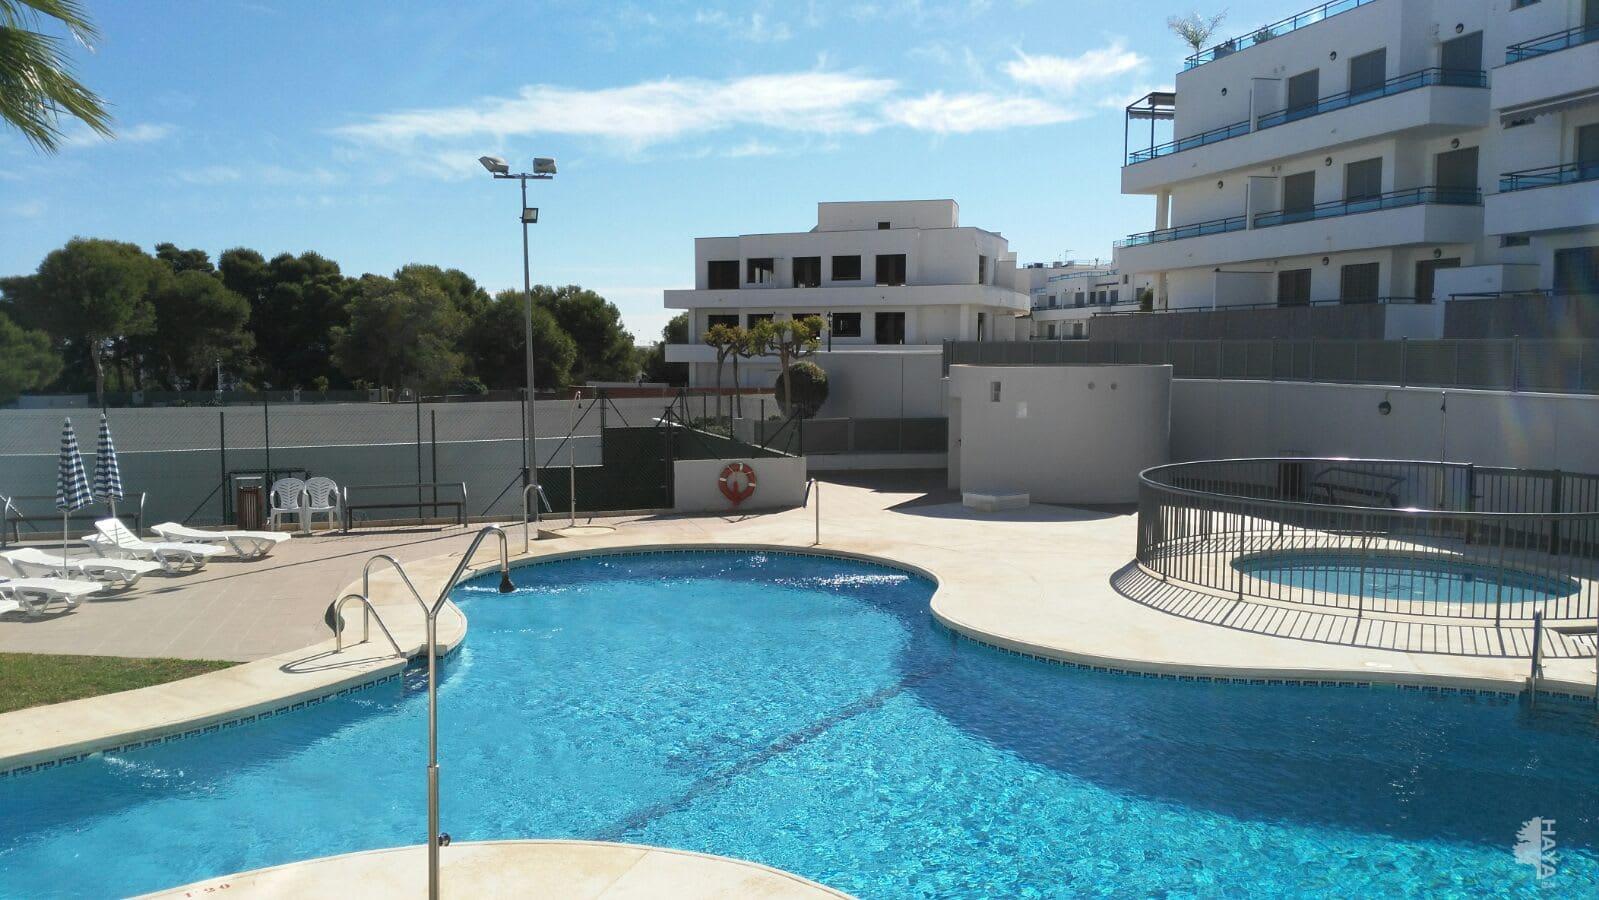 Piso en venta en Garrucha, Garrucha, Almería, Calle Murillo (pinar de Garrucha), 135.000 €, 3 habitaciones, 2 baños, 124 m2